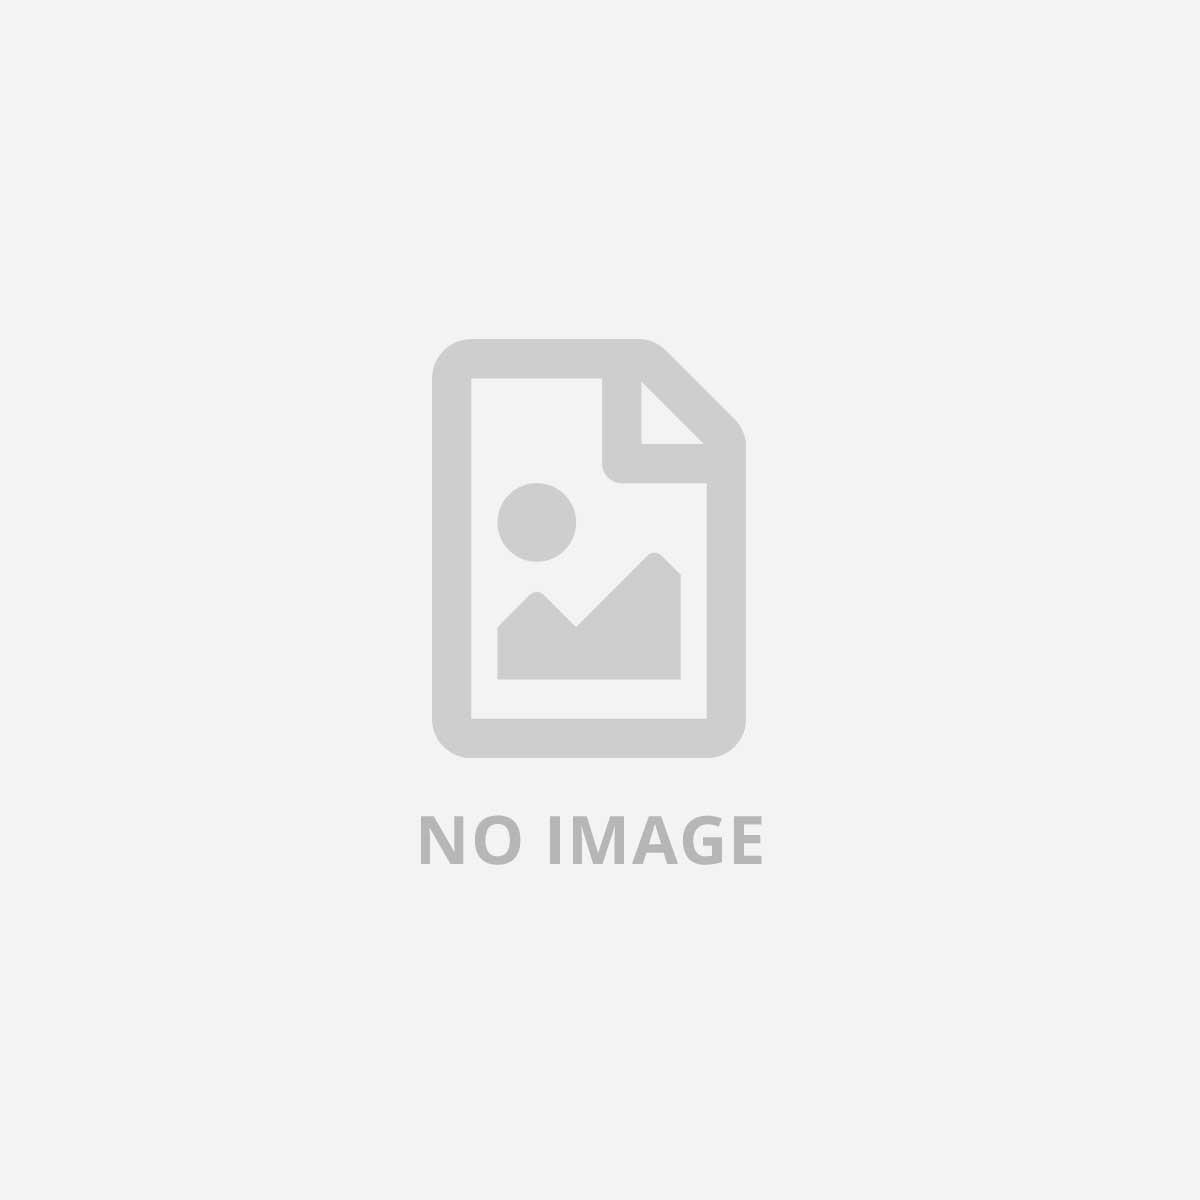 TESAFILM INVISIBLE BASIC 15X33